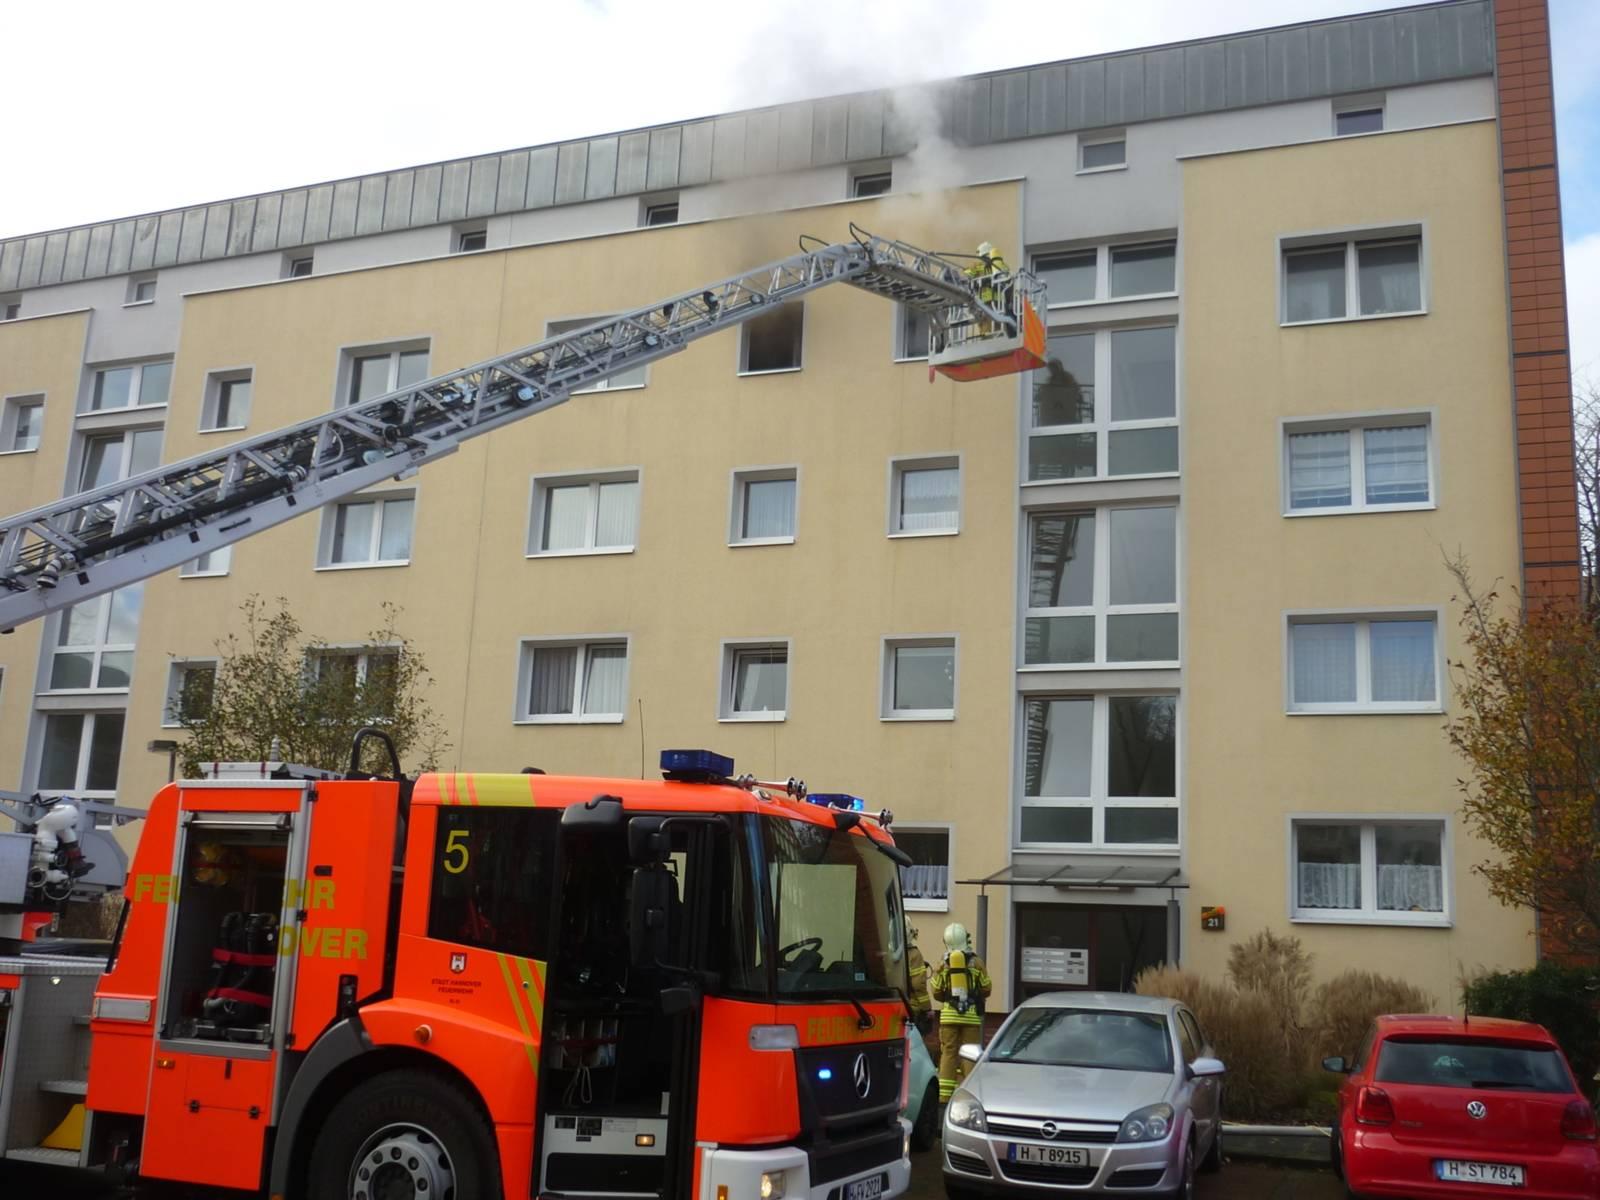 Beim Eintreffen der ersten Einsatzkräfte standen die Küche und Teile des Flures der Wohnung im 3. Obergeschoss bereits im Vollbrand.